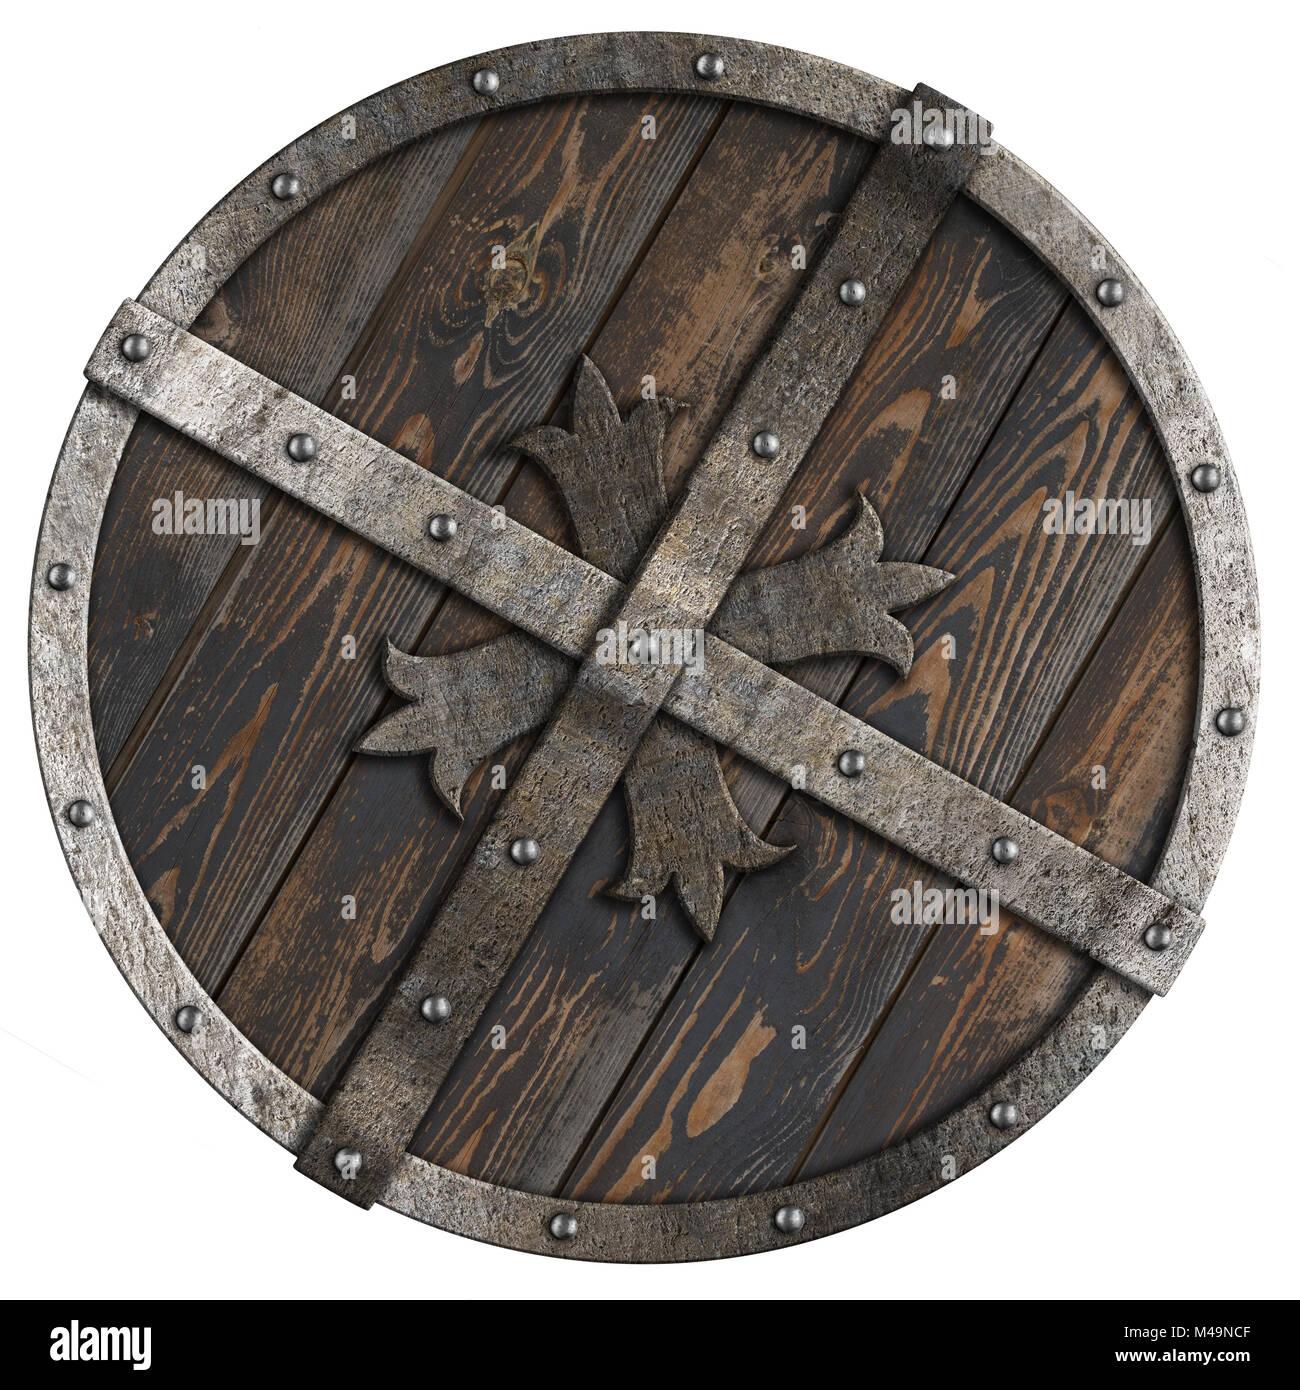 metal medieval round shield illustration stockfotos metal medieval round shield illustration. Black Bedroom Furniture Sets. Home Design Ideas